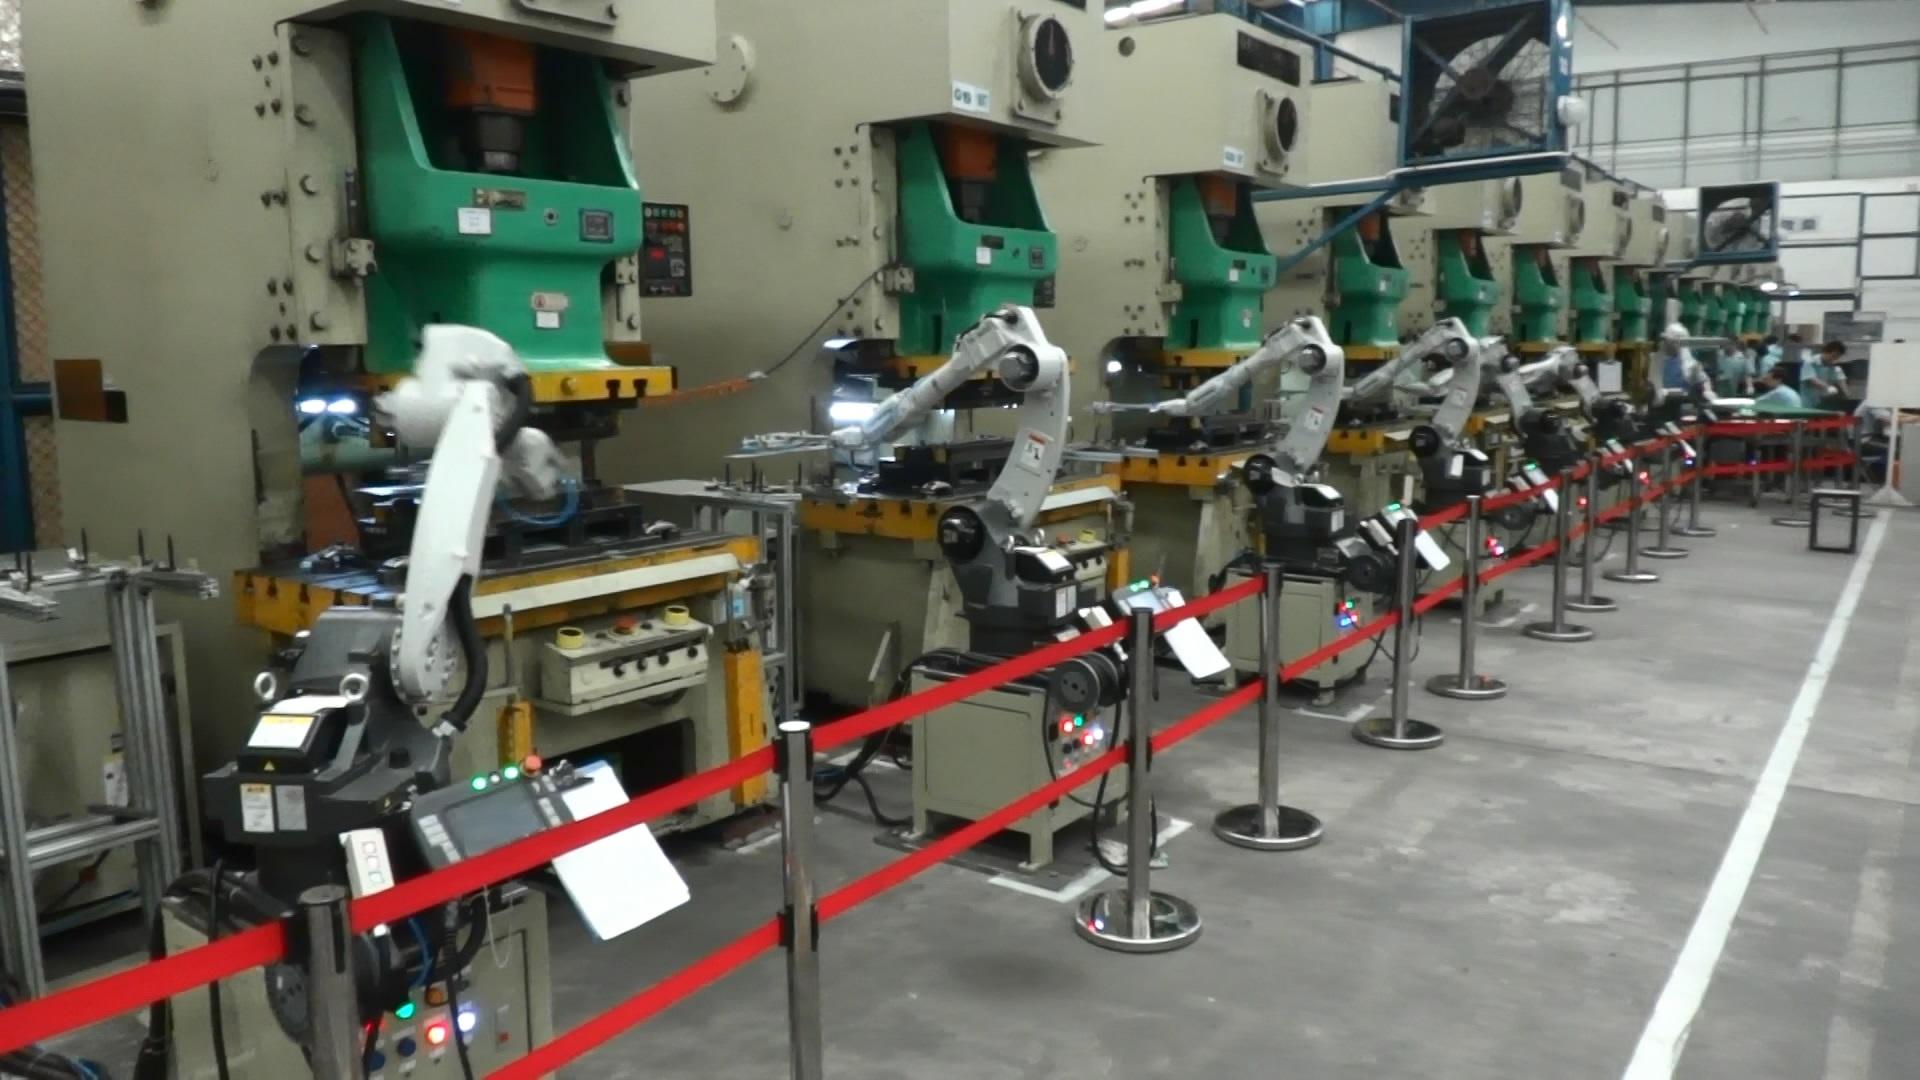 供应工业机器人 自动化上下料机器人